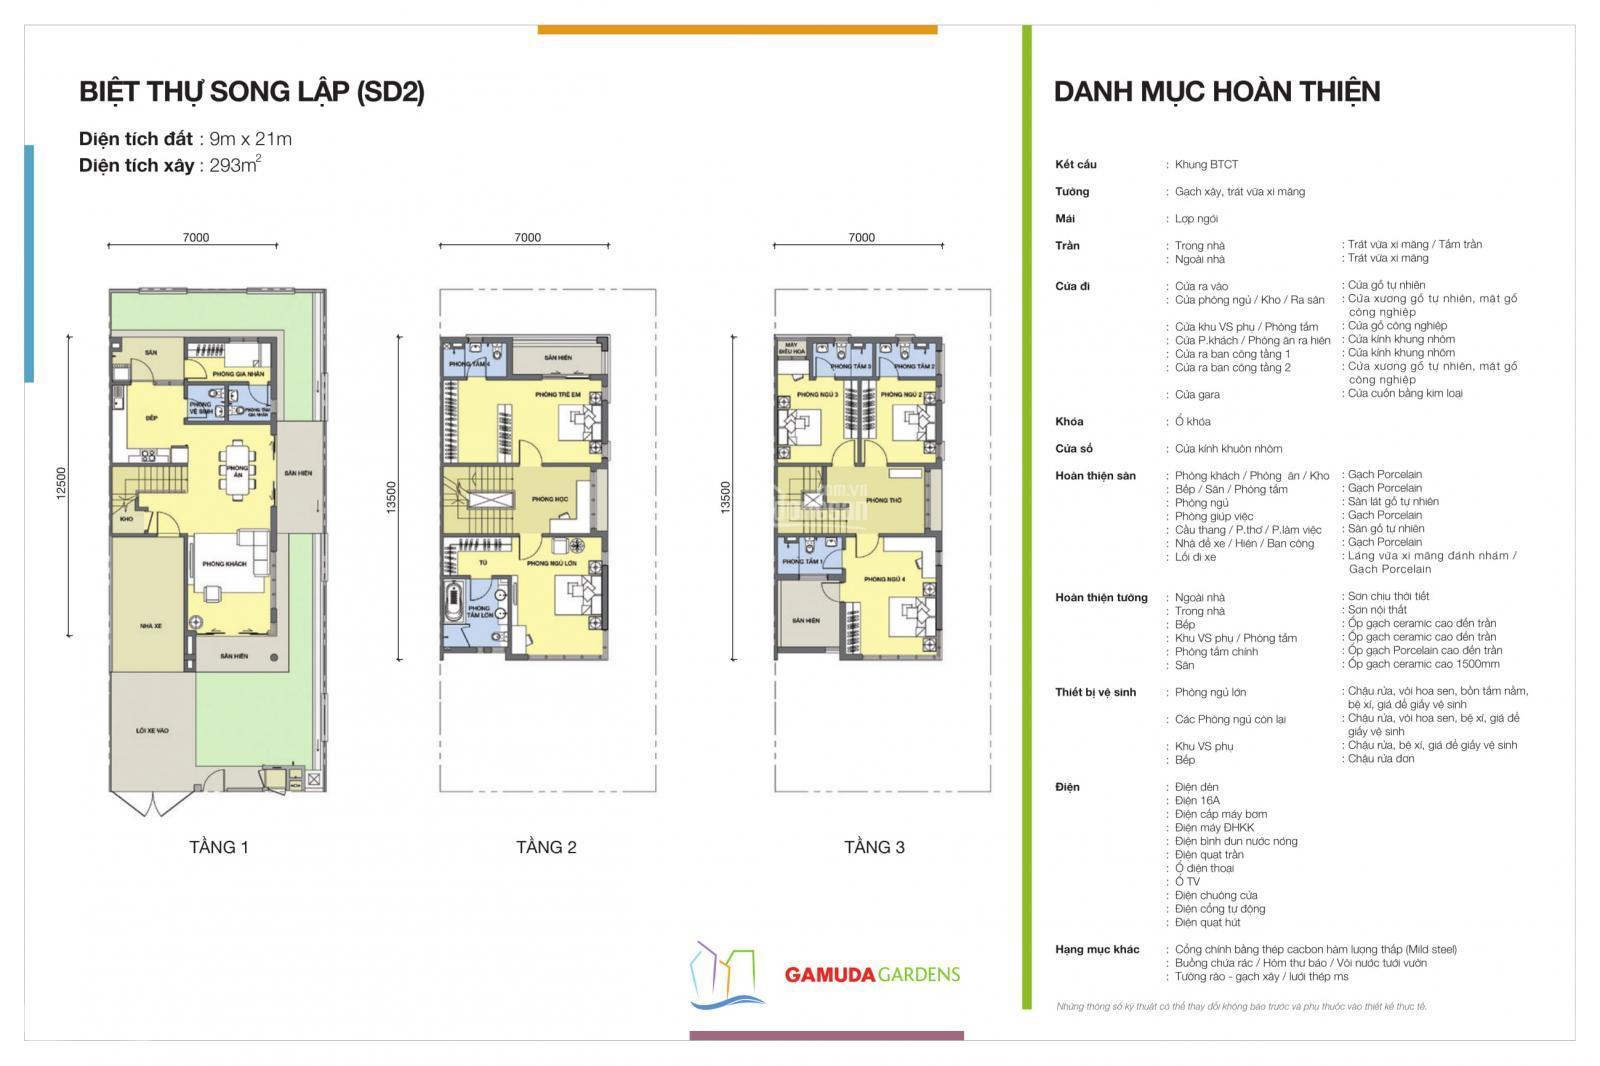 Bán biệt thự song lập Gamuda, sàn xây dựng 100m2. Lh: 0962686500